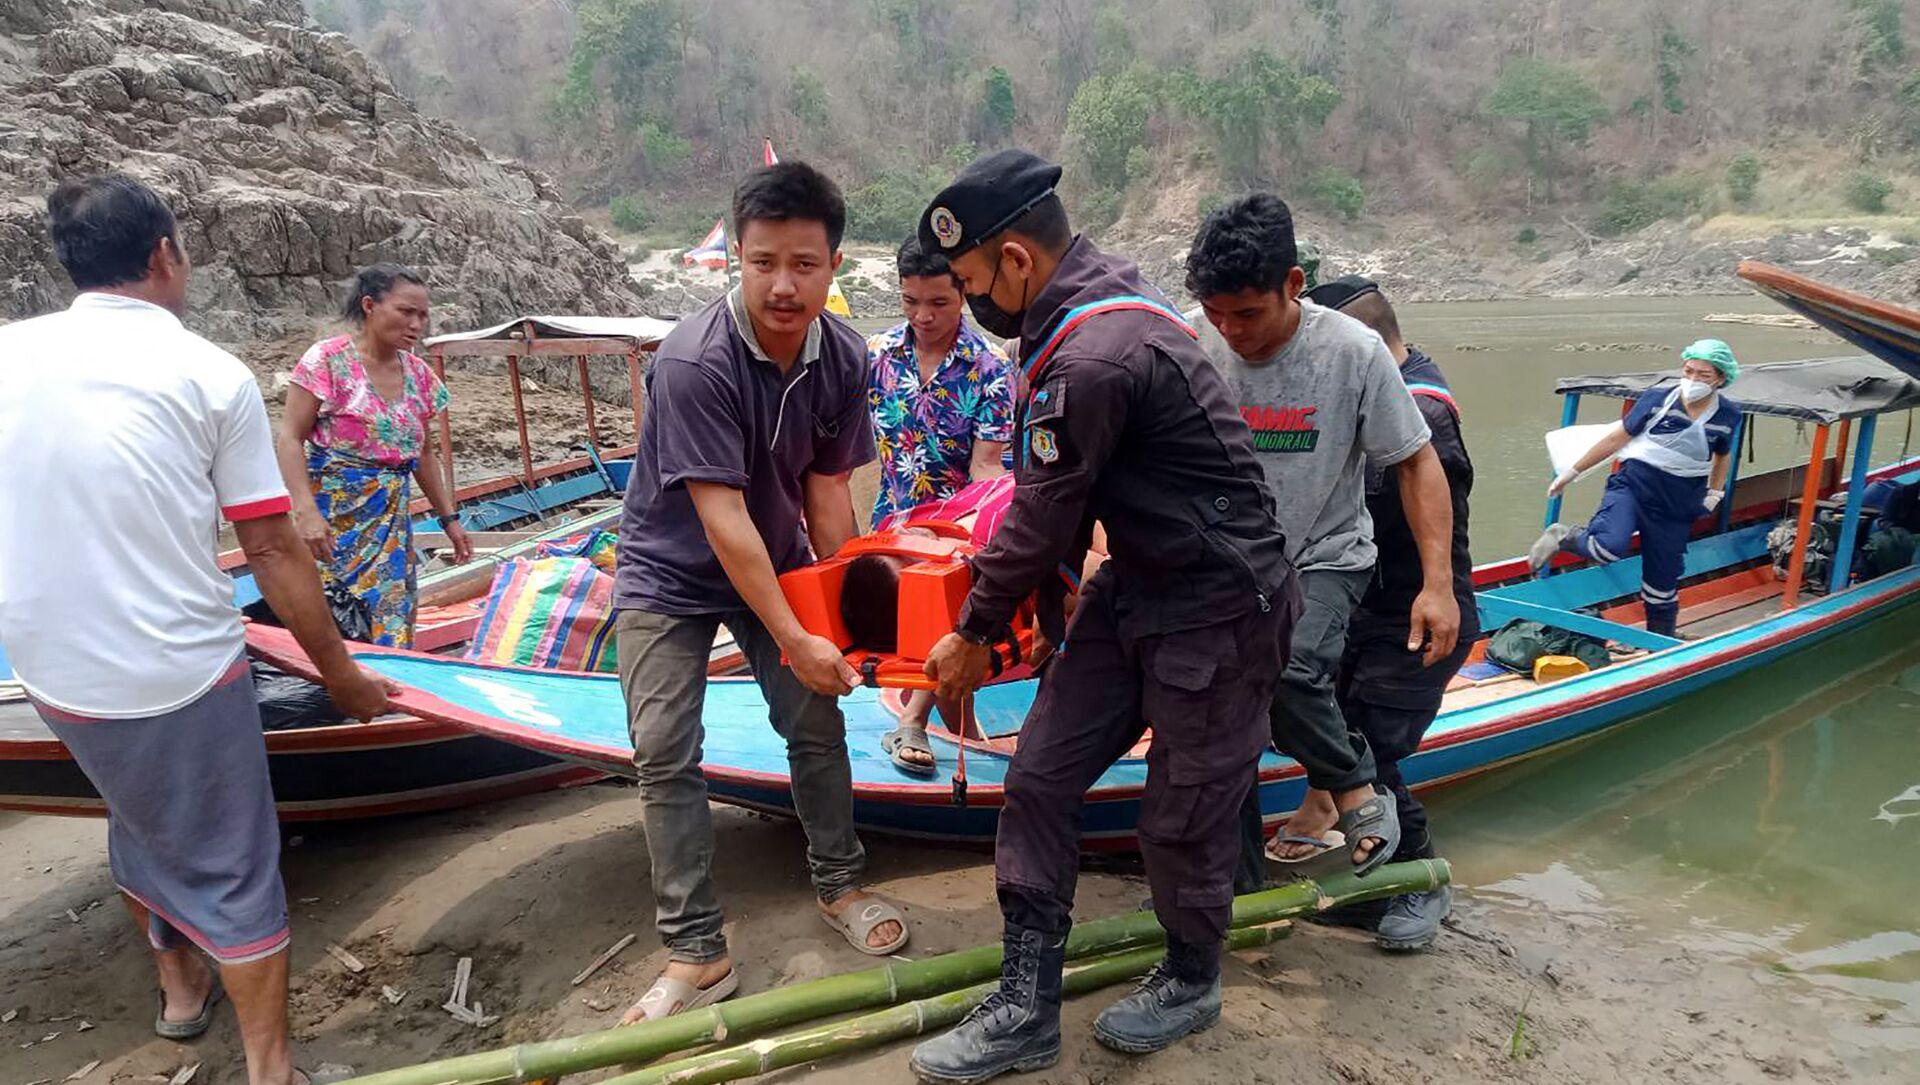 Quân đội Thái Lan giúp đỡ những người tị nạn từ Myanmar. - Sputnik Việt Nam, 1920, 01.04.2021